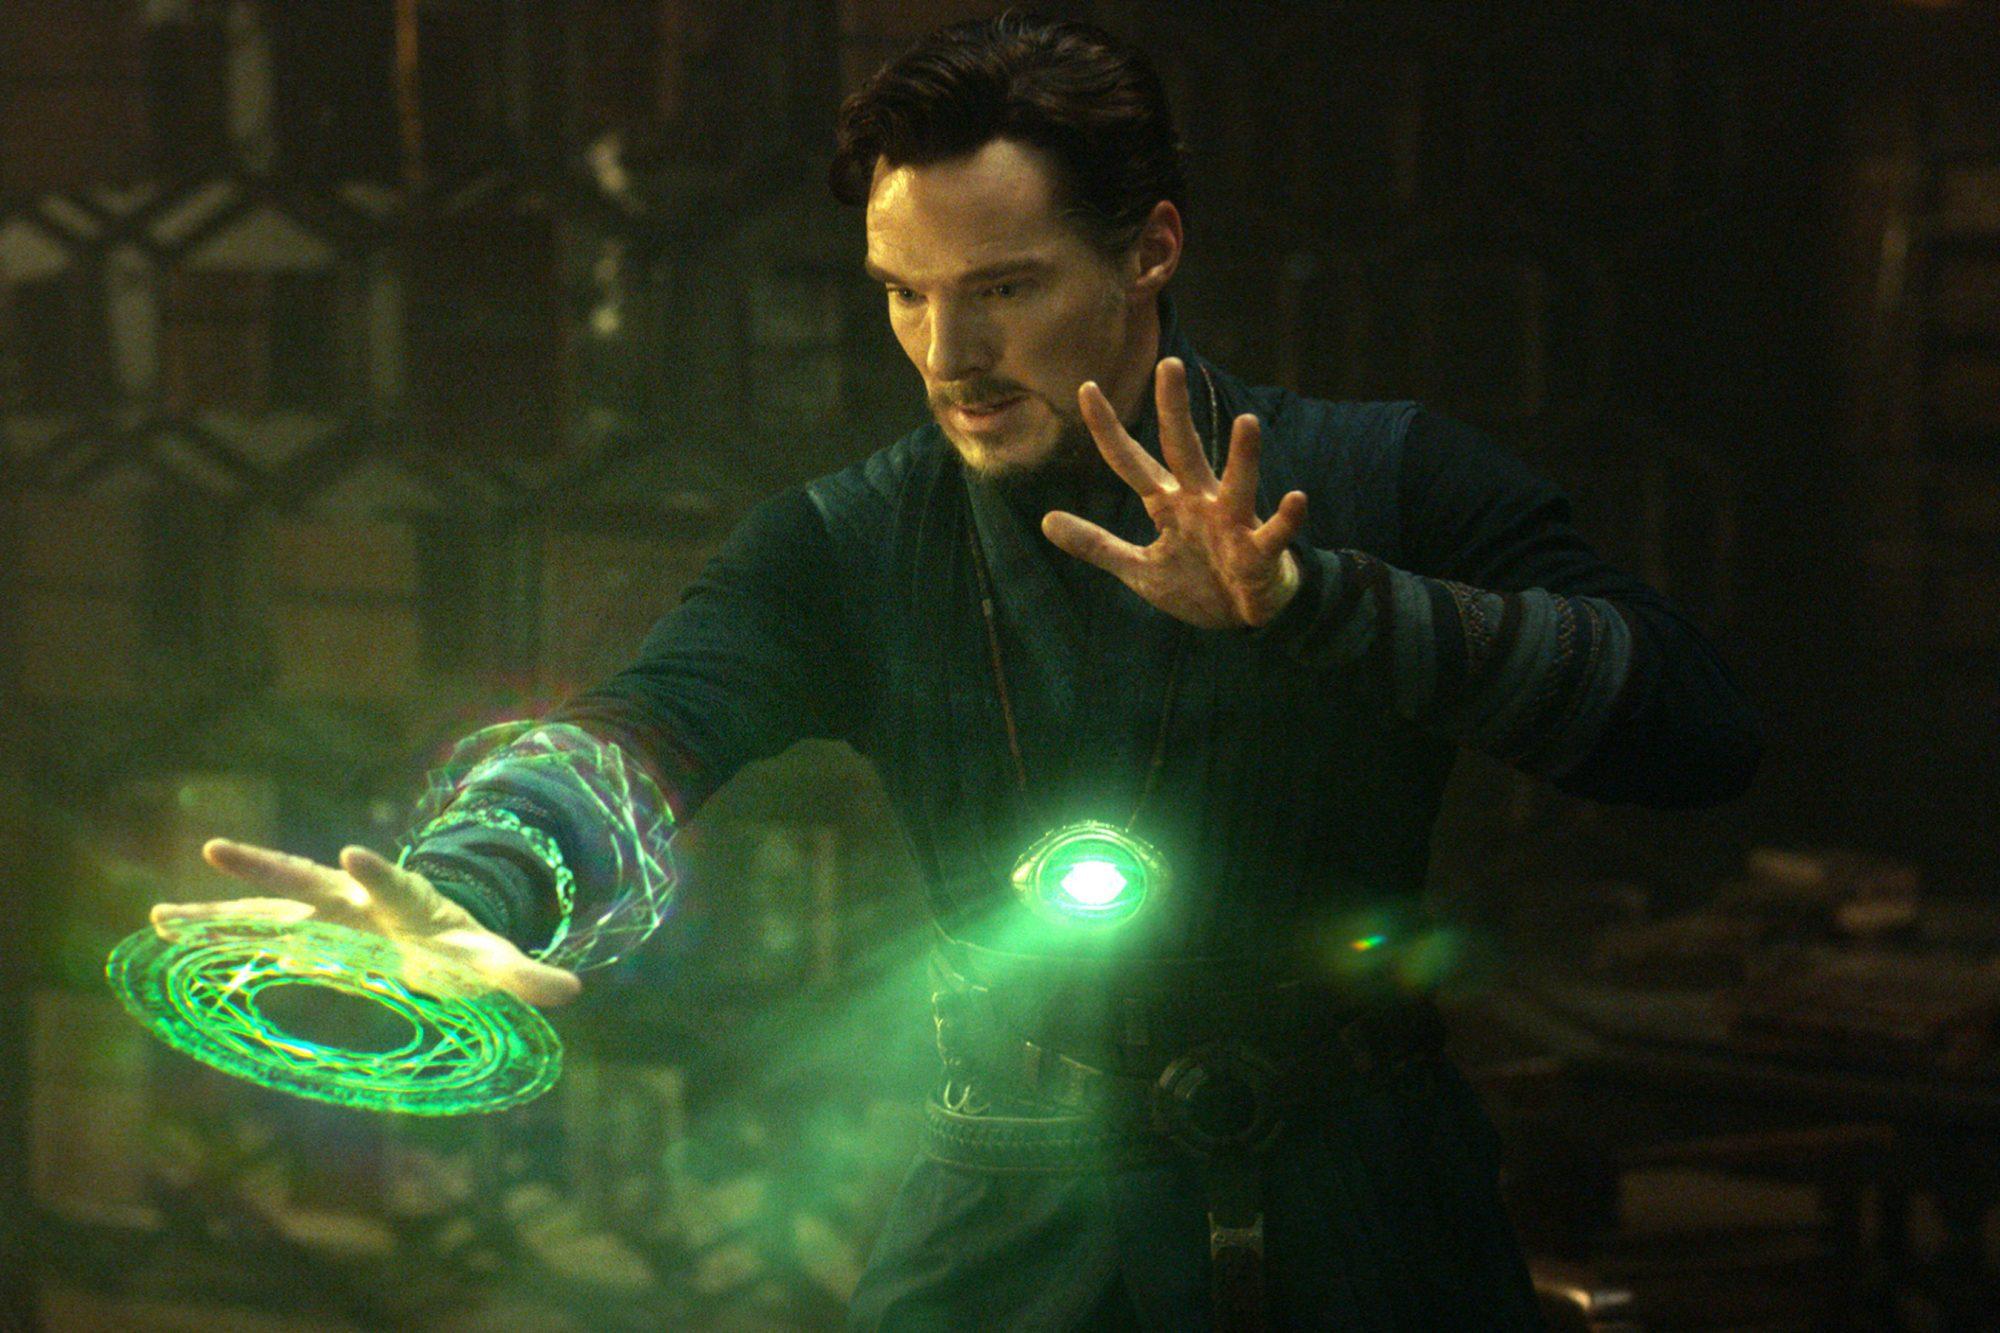 9. Doctor Strange